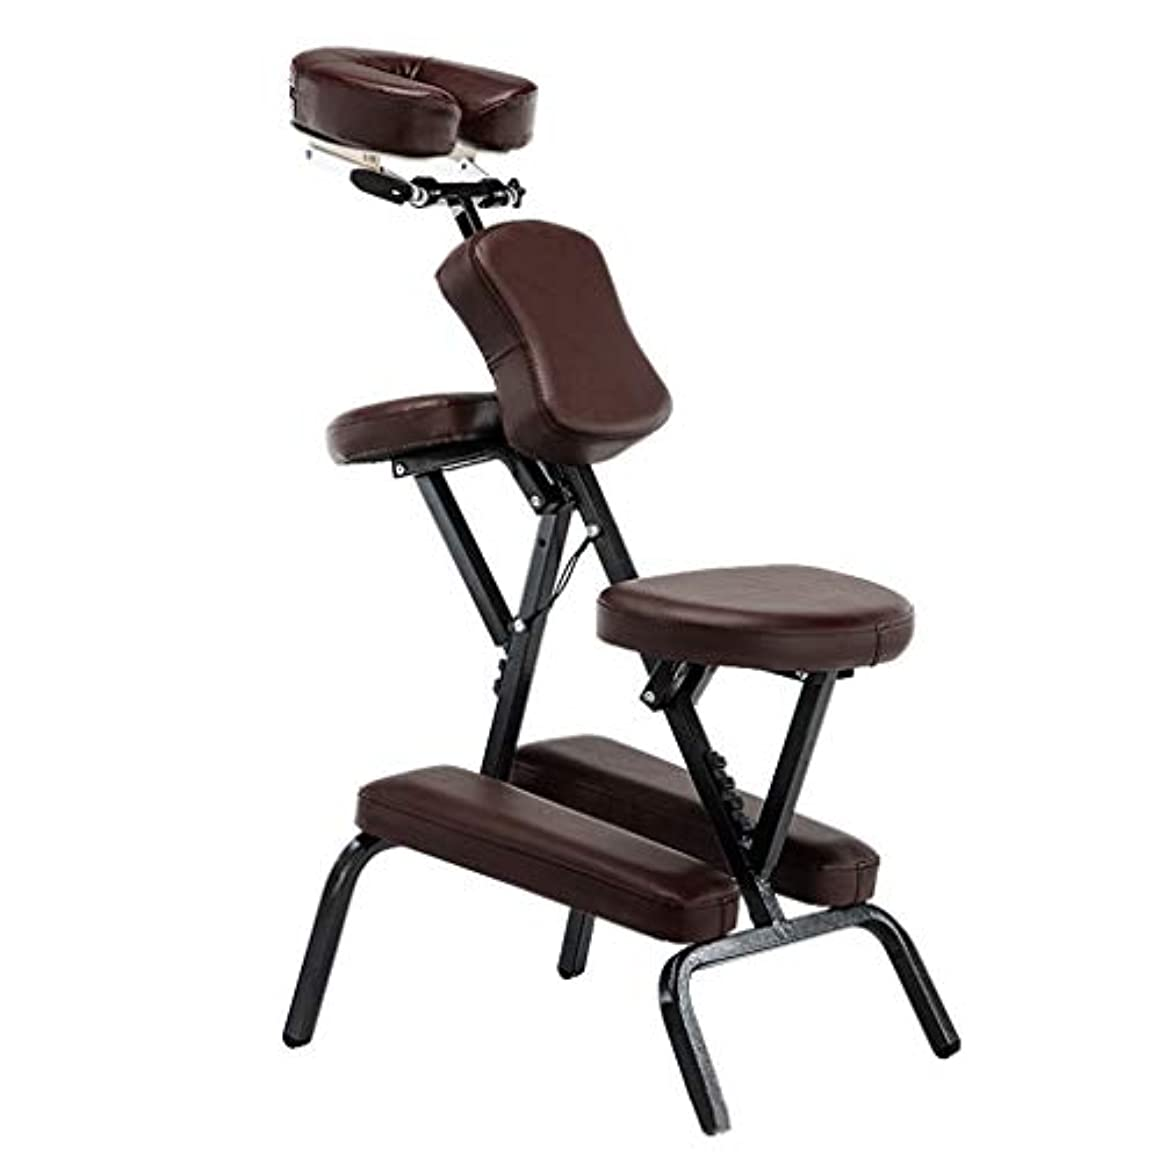 リース整然としたピーブ入れ墨の椅子の健康の椅子の折るマッサージの椅子の携帯用マッサージの椅子のこする椅子入れ墨の椅子の折る美のベッドの鉱泉のマッサージのコンパクトの椅子